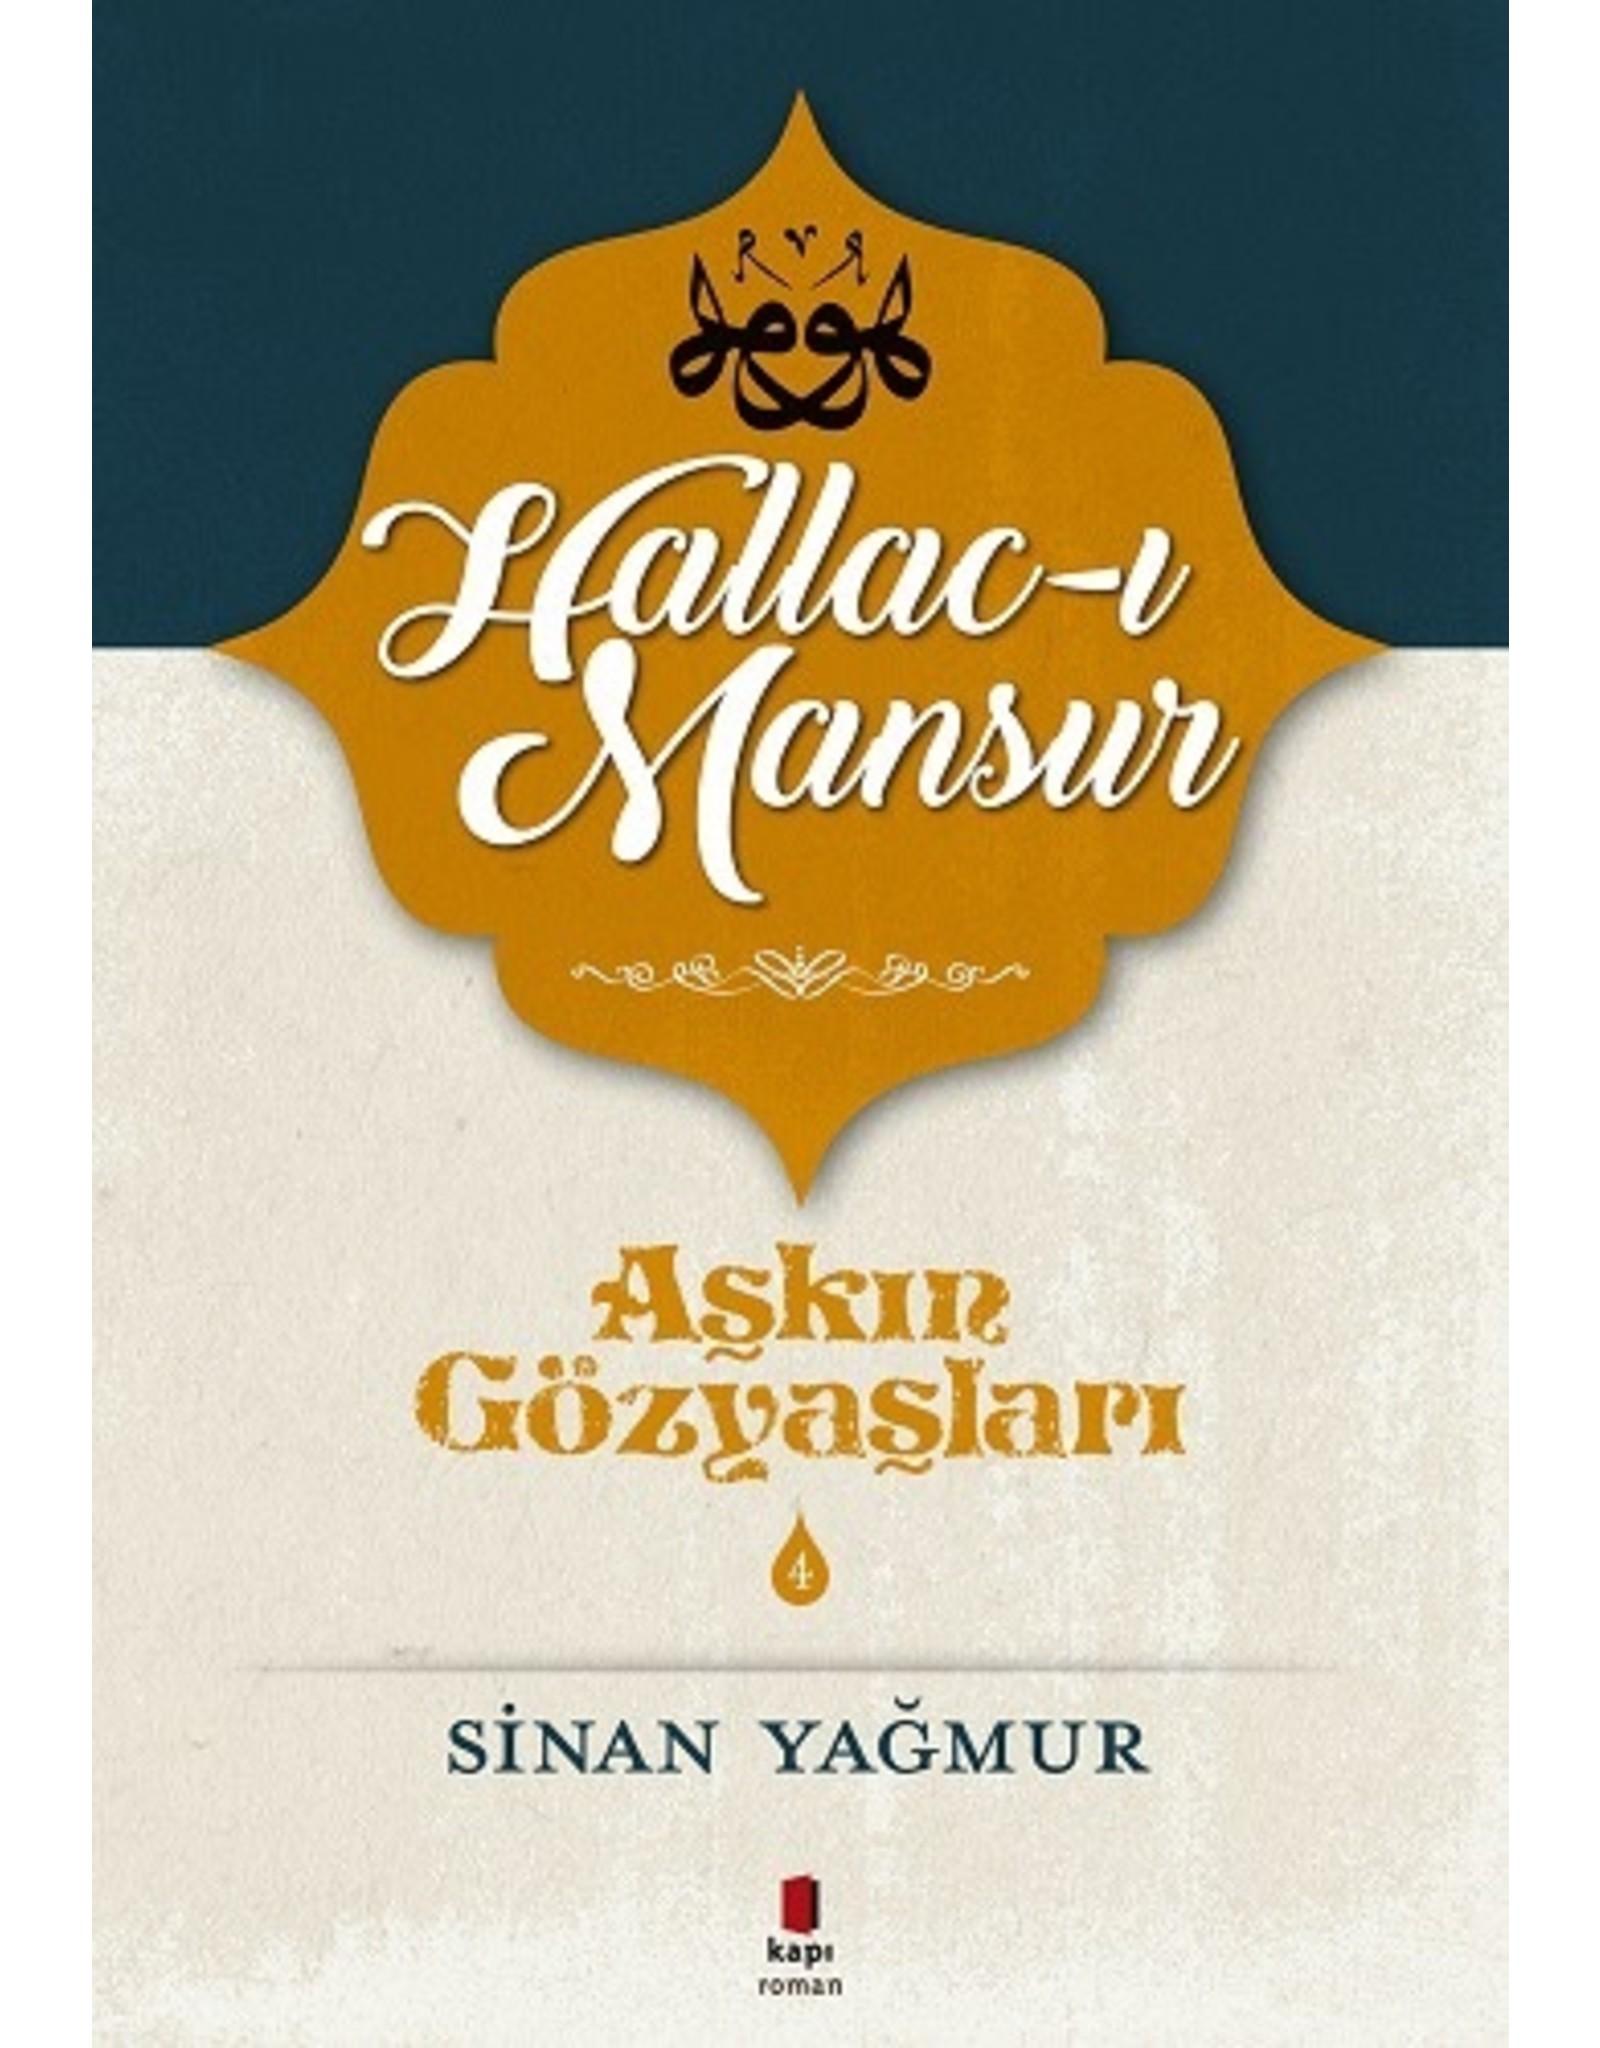 Sinan Yağmur Aşkın Gözyaşları 4 / Hallac-ı Mansur